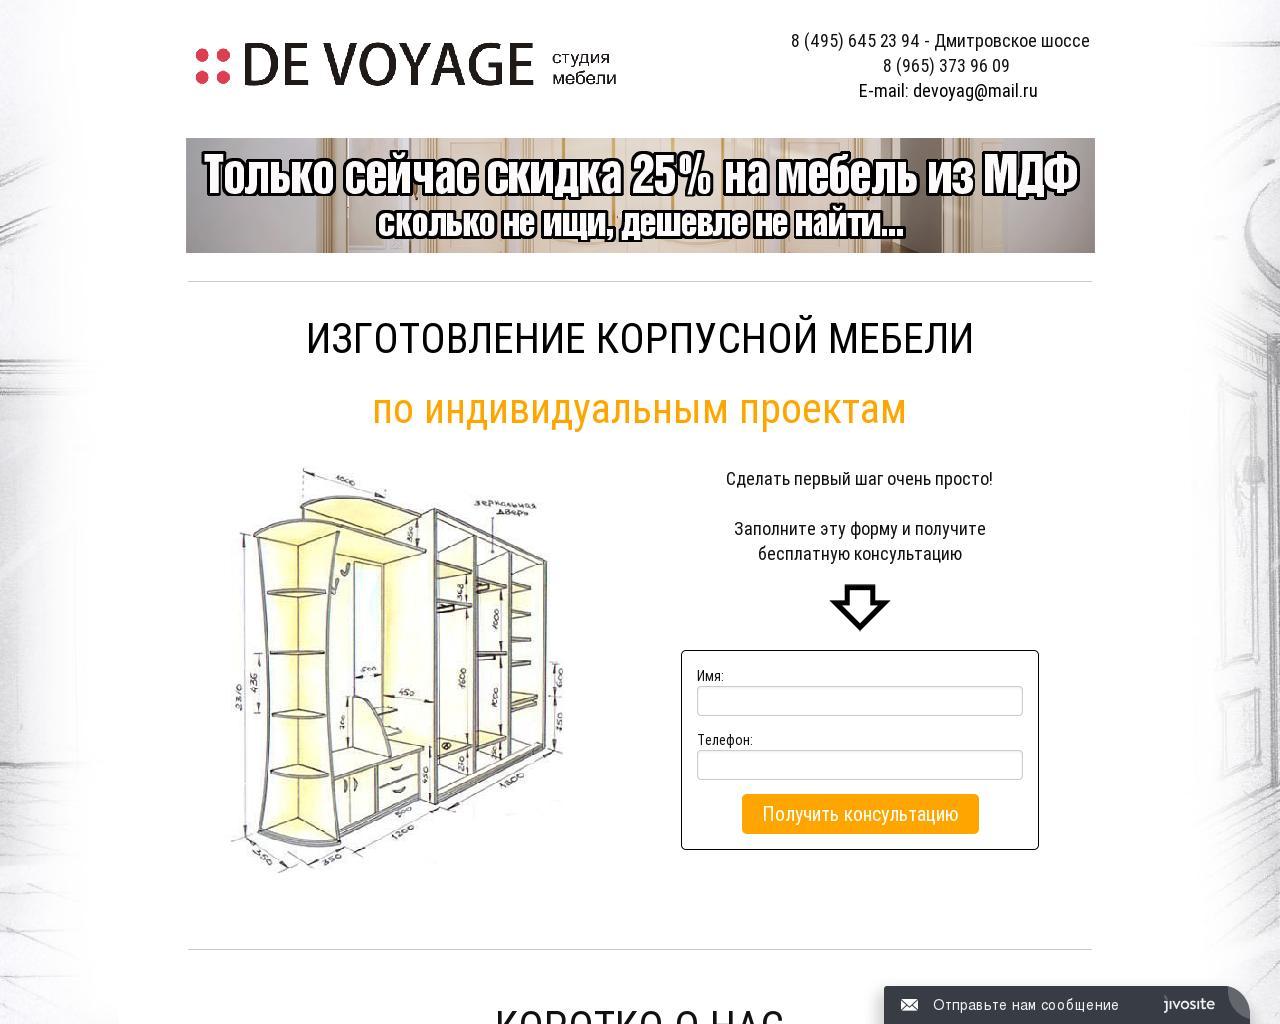 Мебель-тут.рф de voyage - студия корпусной мебели - изготовл.